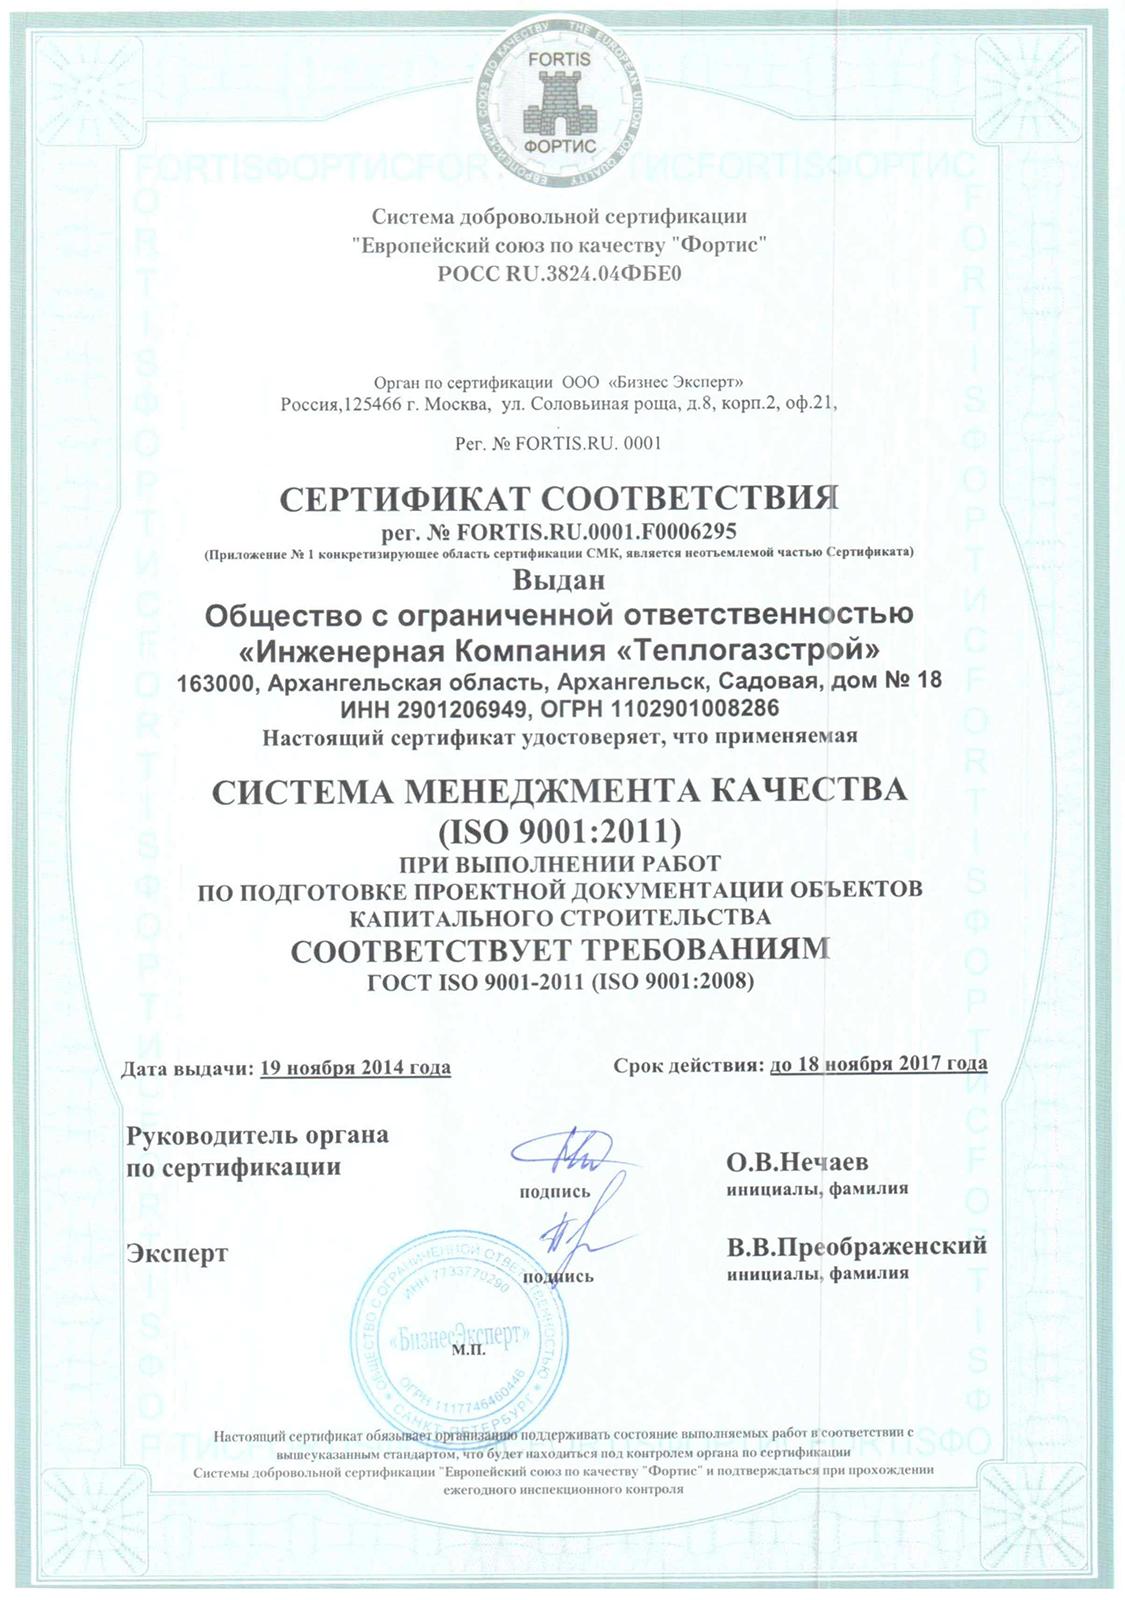 Сертификат соответствия ISO 9001:2011 при выполнении проектной документации